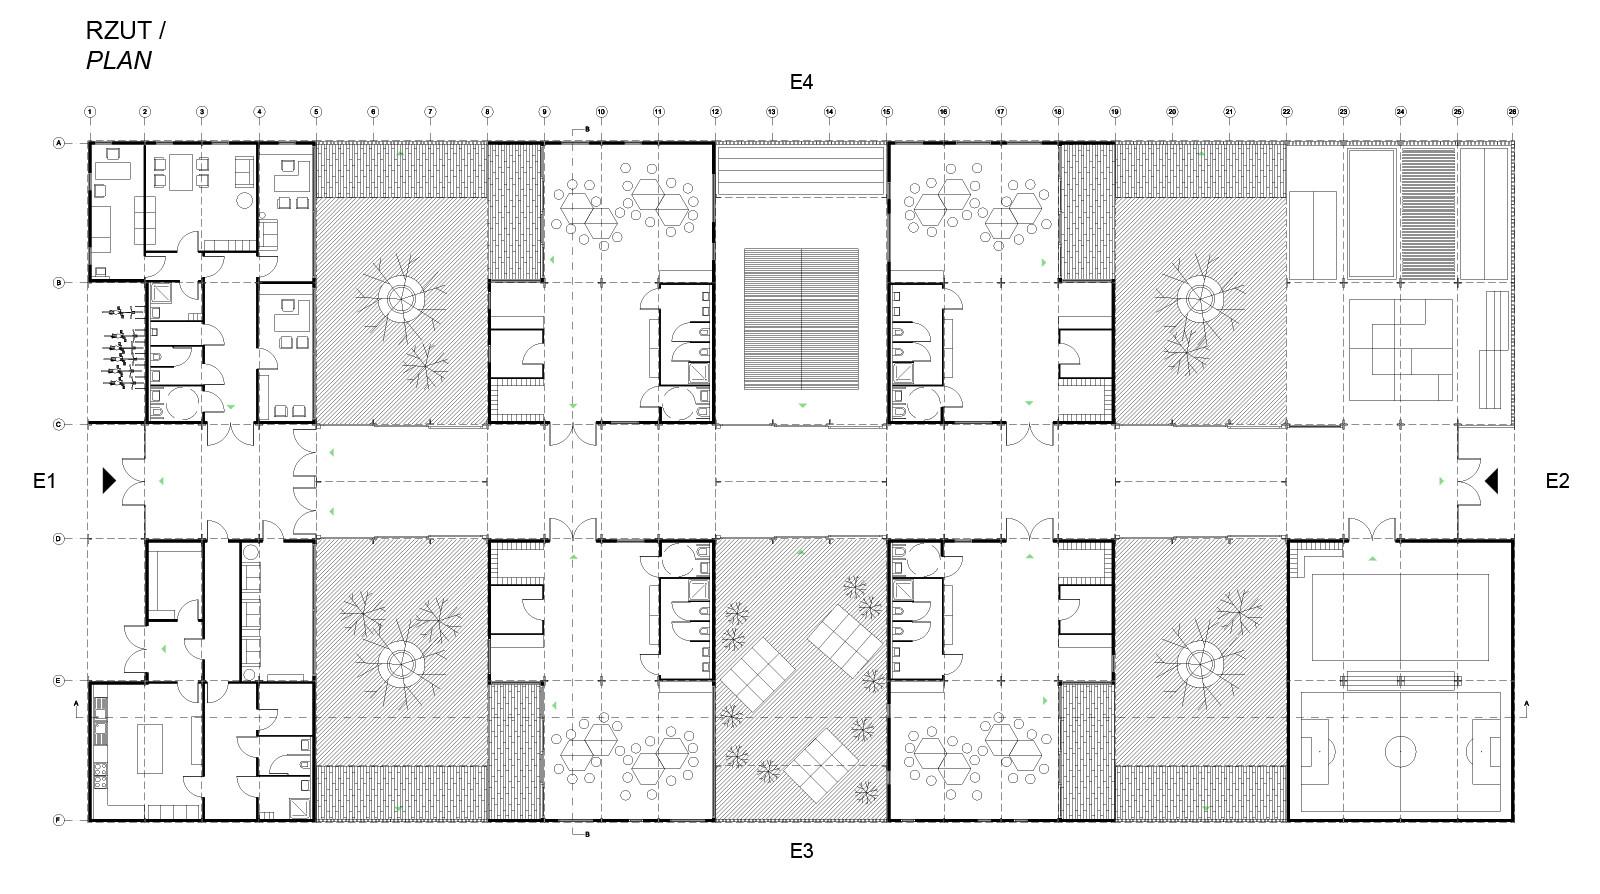 Floor Plan Template Gallery Of Kids City Modular Kindergarten Proposal